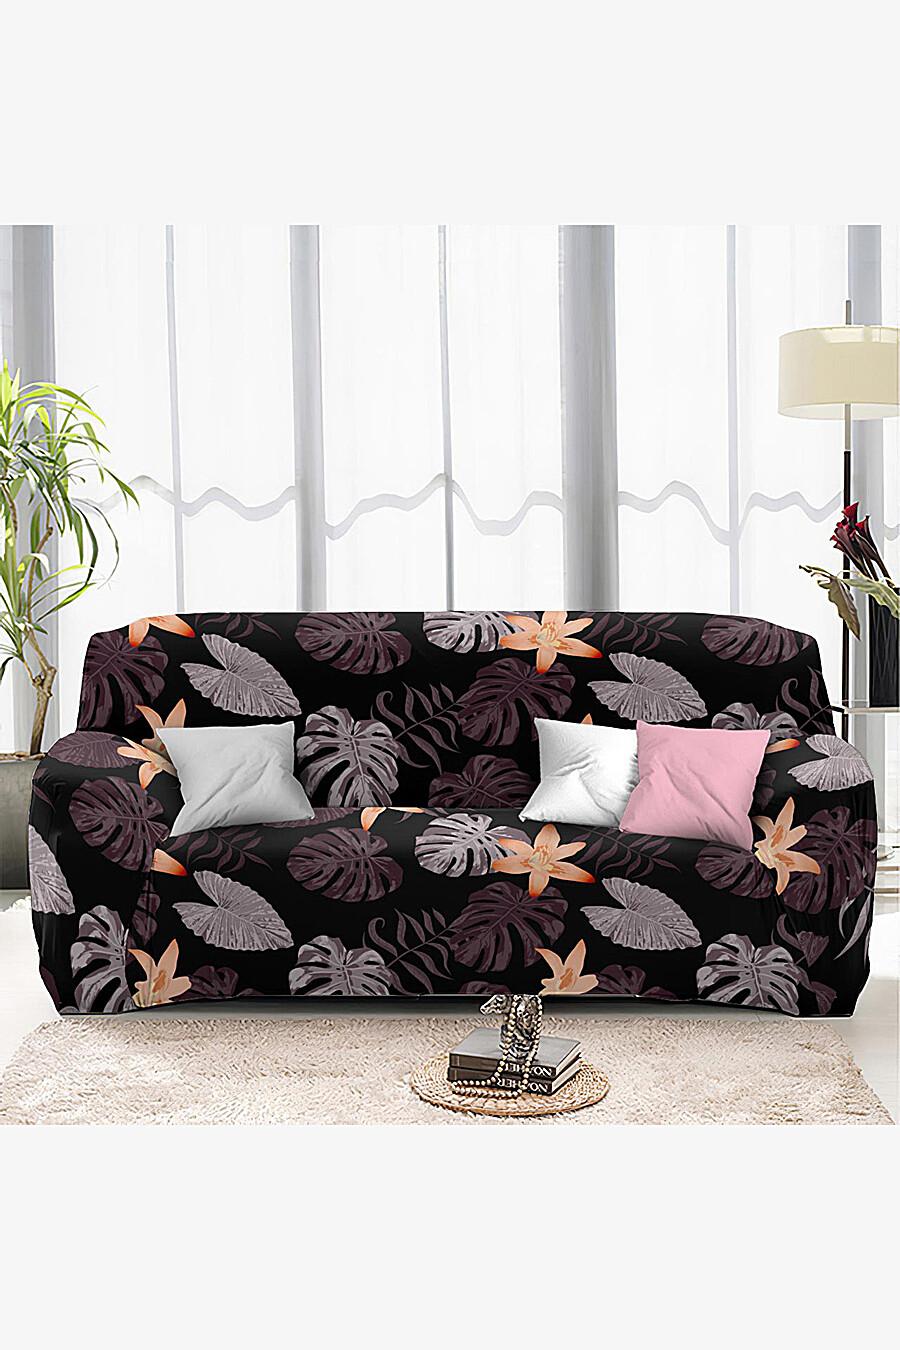 Чехол на диван для дома ART HOME TEXTILE 162803 купить оптом от производителя. Совместная покупка товаров для дома в OptMoyo